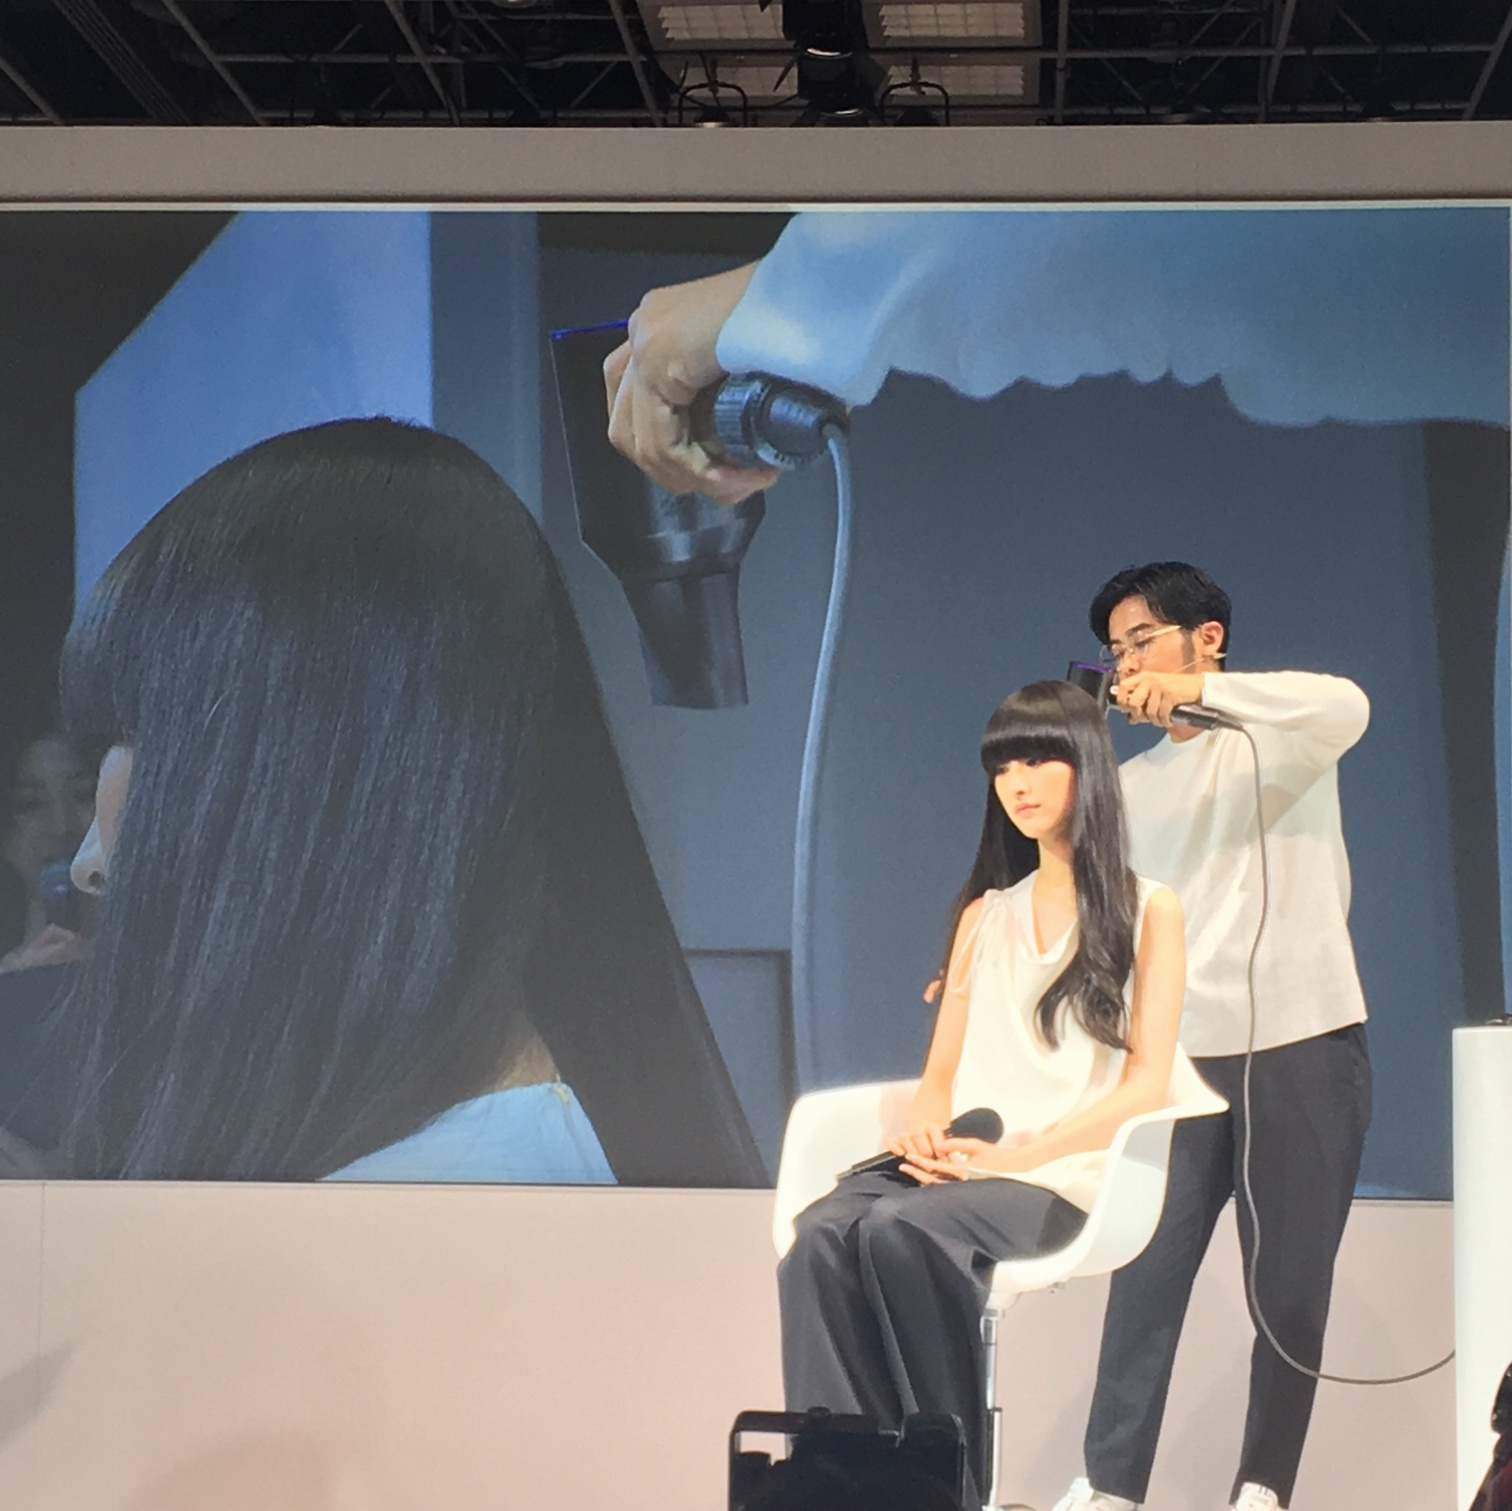 ヘア&メイク小田切ヒロさんも登場! 「ダイソン スーパーソニック ヘアドライヤー」の新製品発表会に潜入☆_3_3